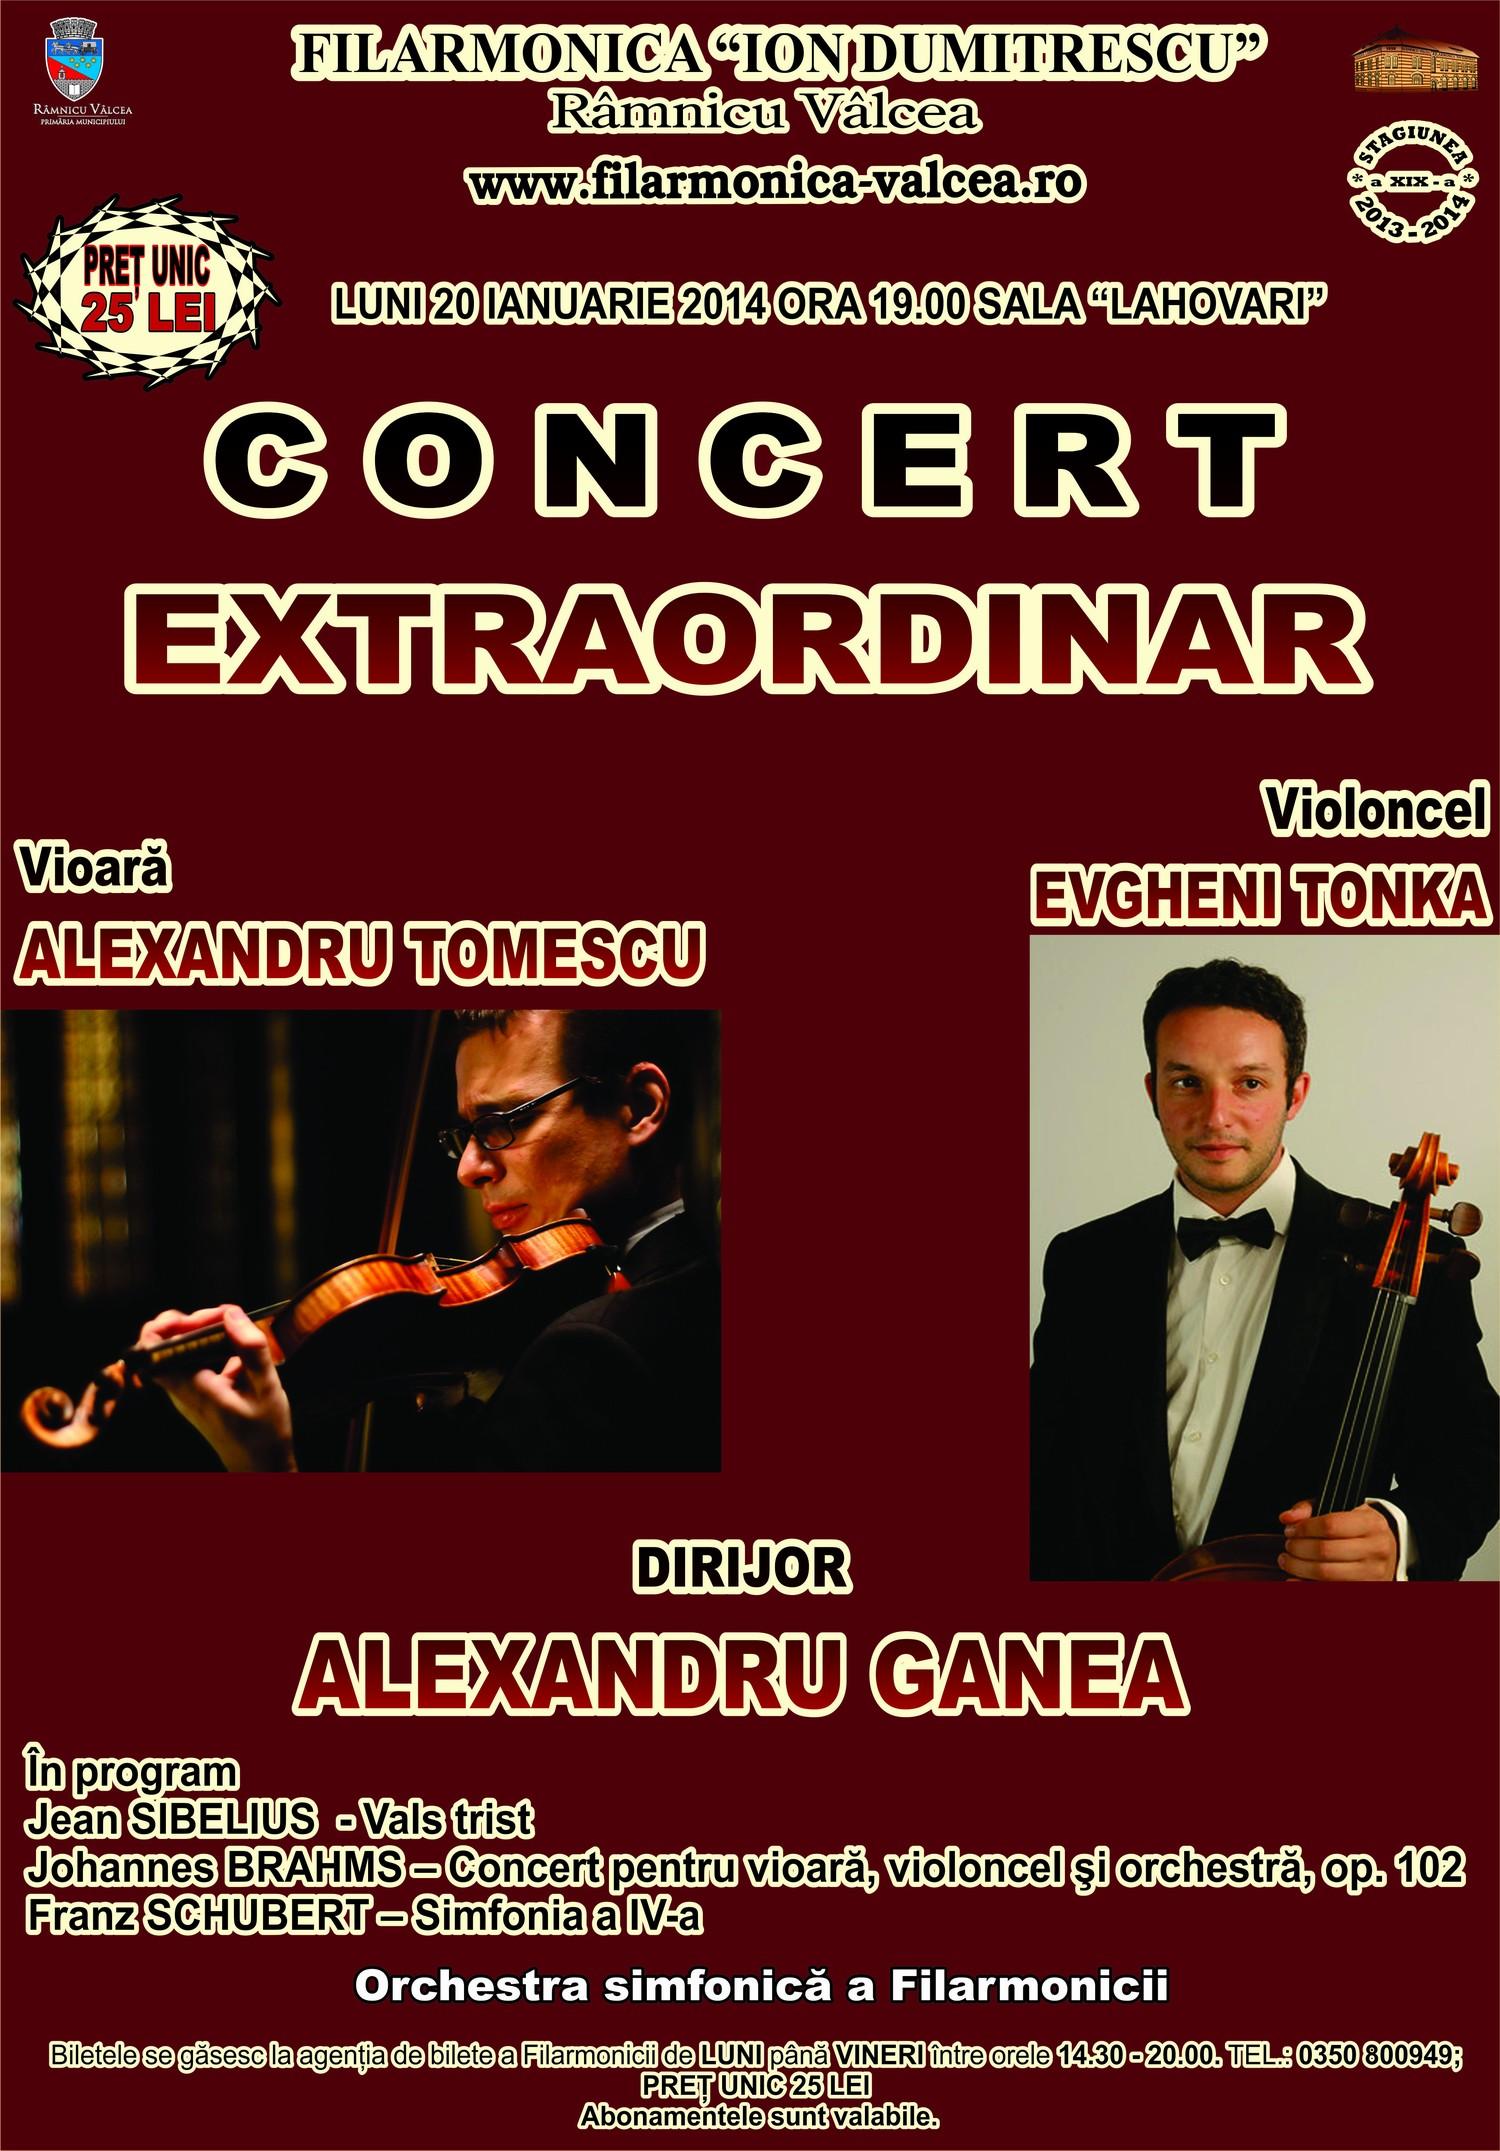 Afis, 20 IAnuarie 2014, Filarmonica Rm Valcea